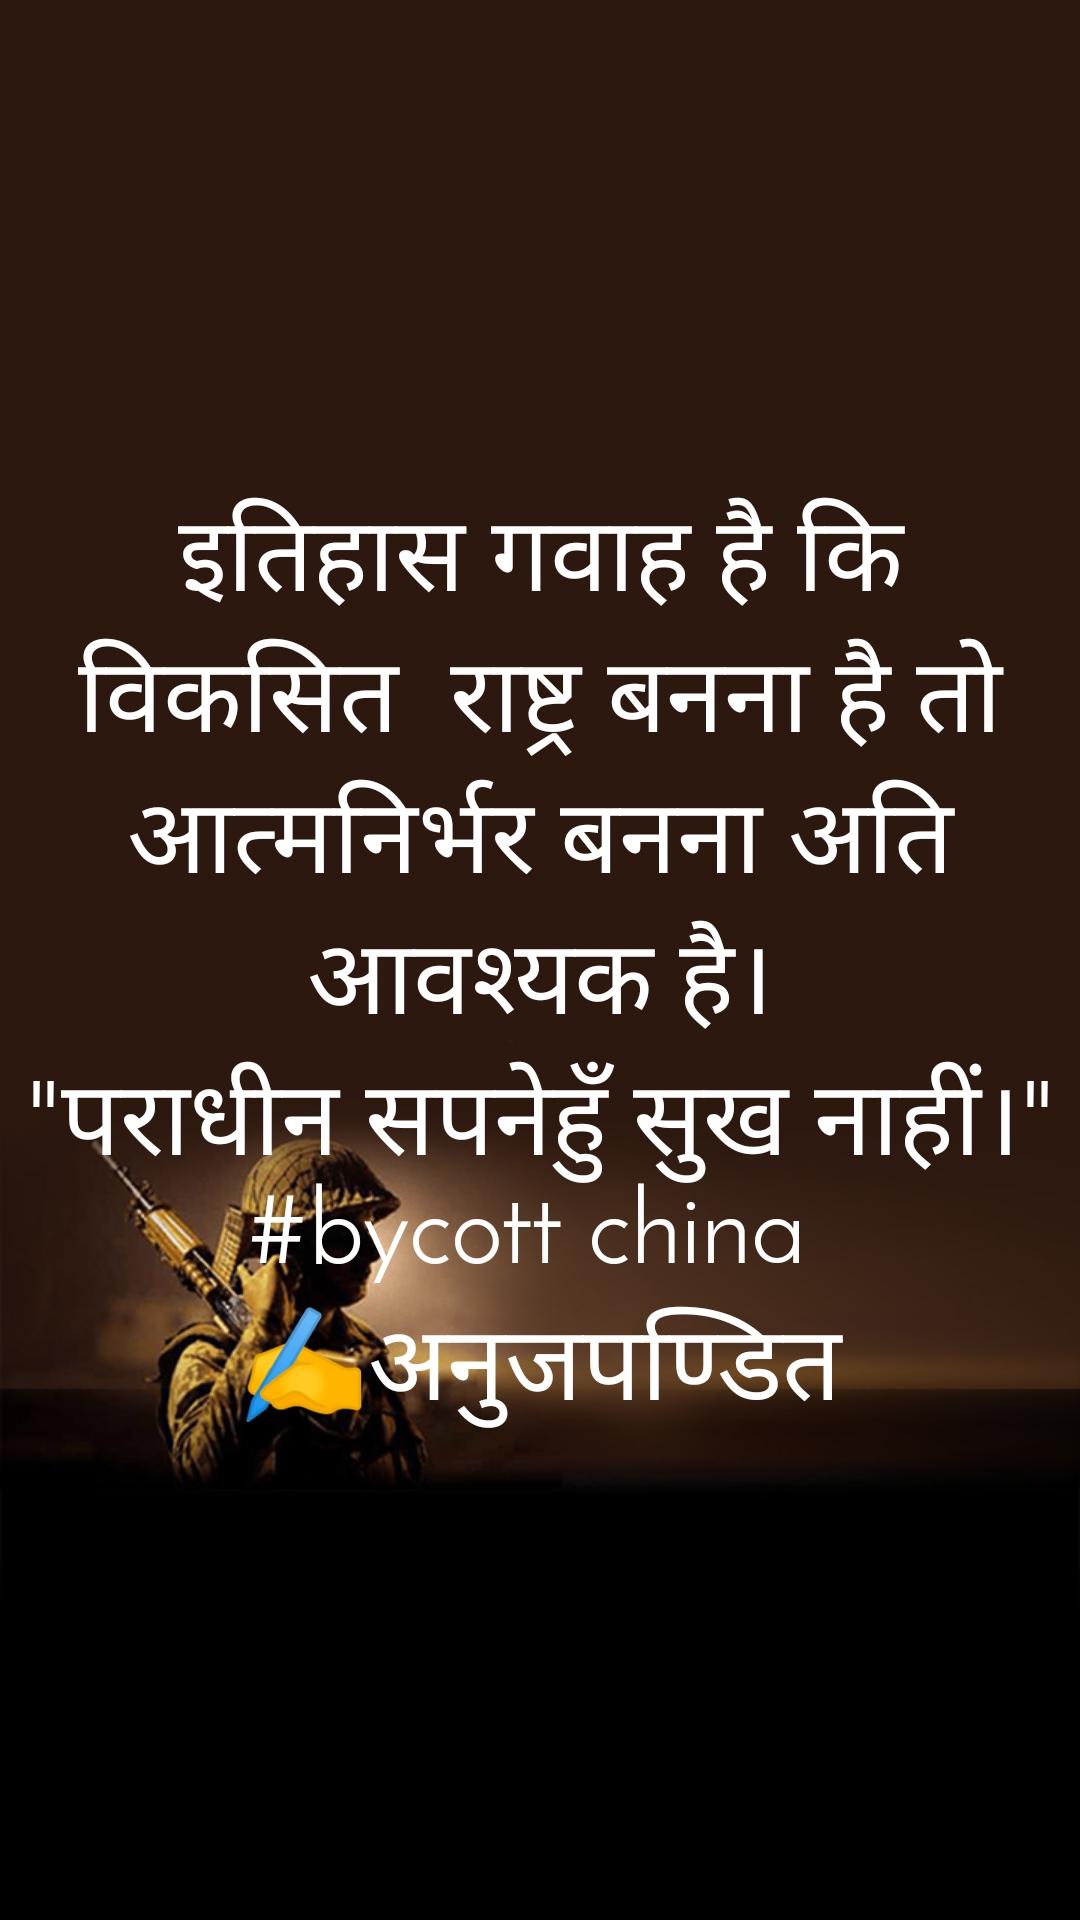 """इतिहास गवाह है कि विकसित  राष्ट्र बनना है तो आत्मनिर्भर बनना अति आवश्यक है। """"पराधीन सपनेहुँ सुख नाहीं।"""" #bycott china  ✍️अनुजपण्डित"""